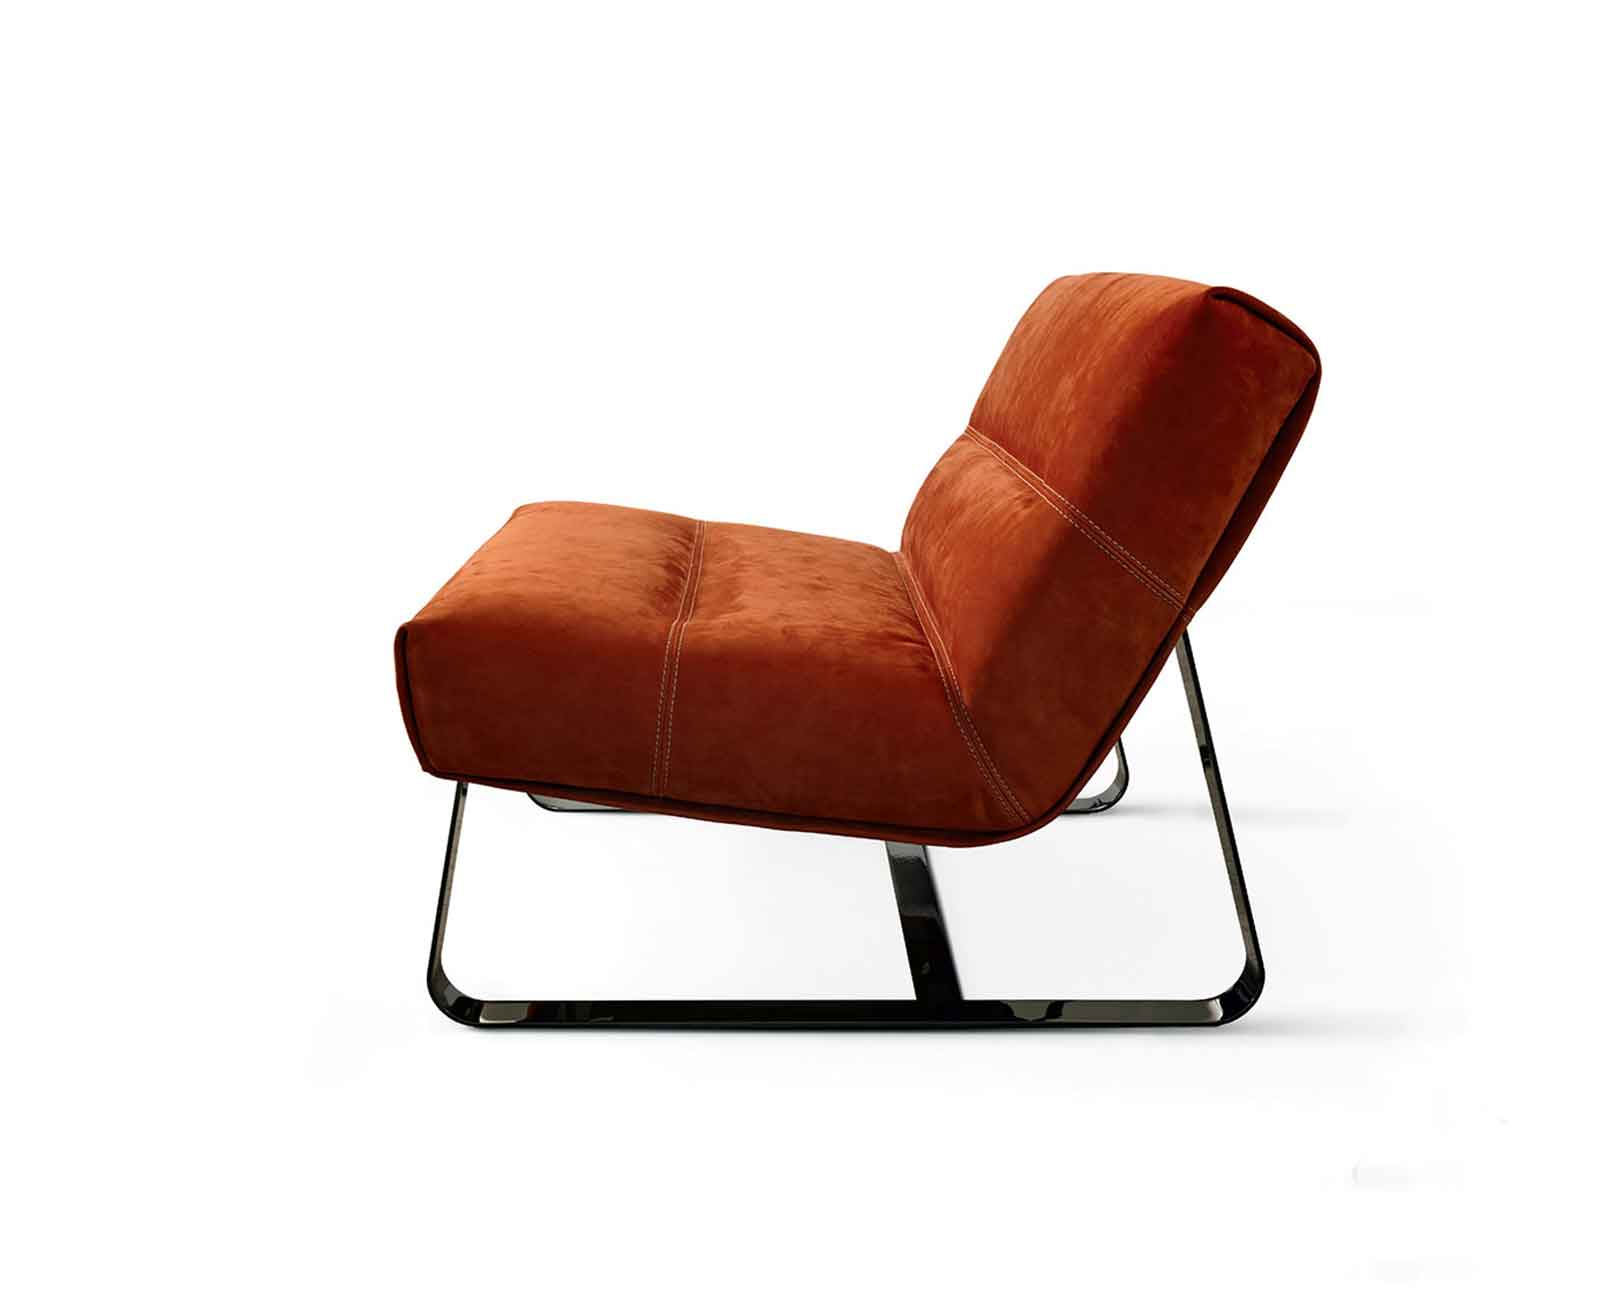 Fauteuil en cuir. Vente en ligne de fauteuils relax design et ameublement made in italy avec livraison gratuite. Meubles haut de gamme contemporains.